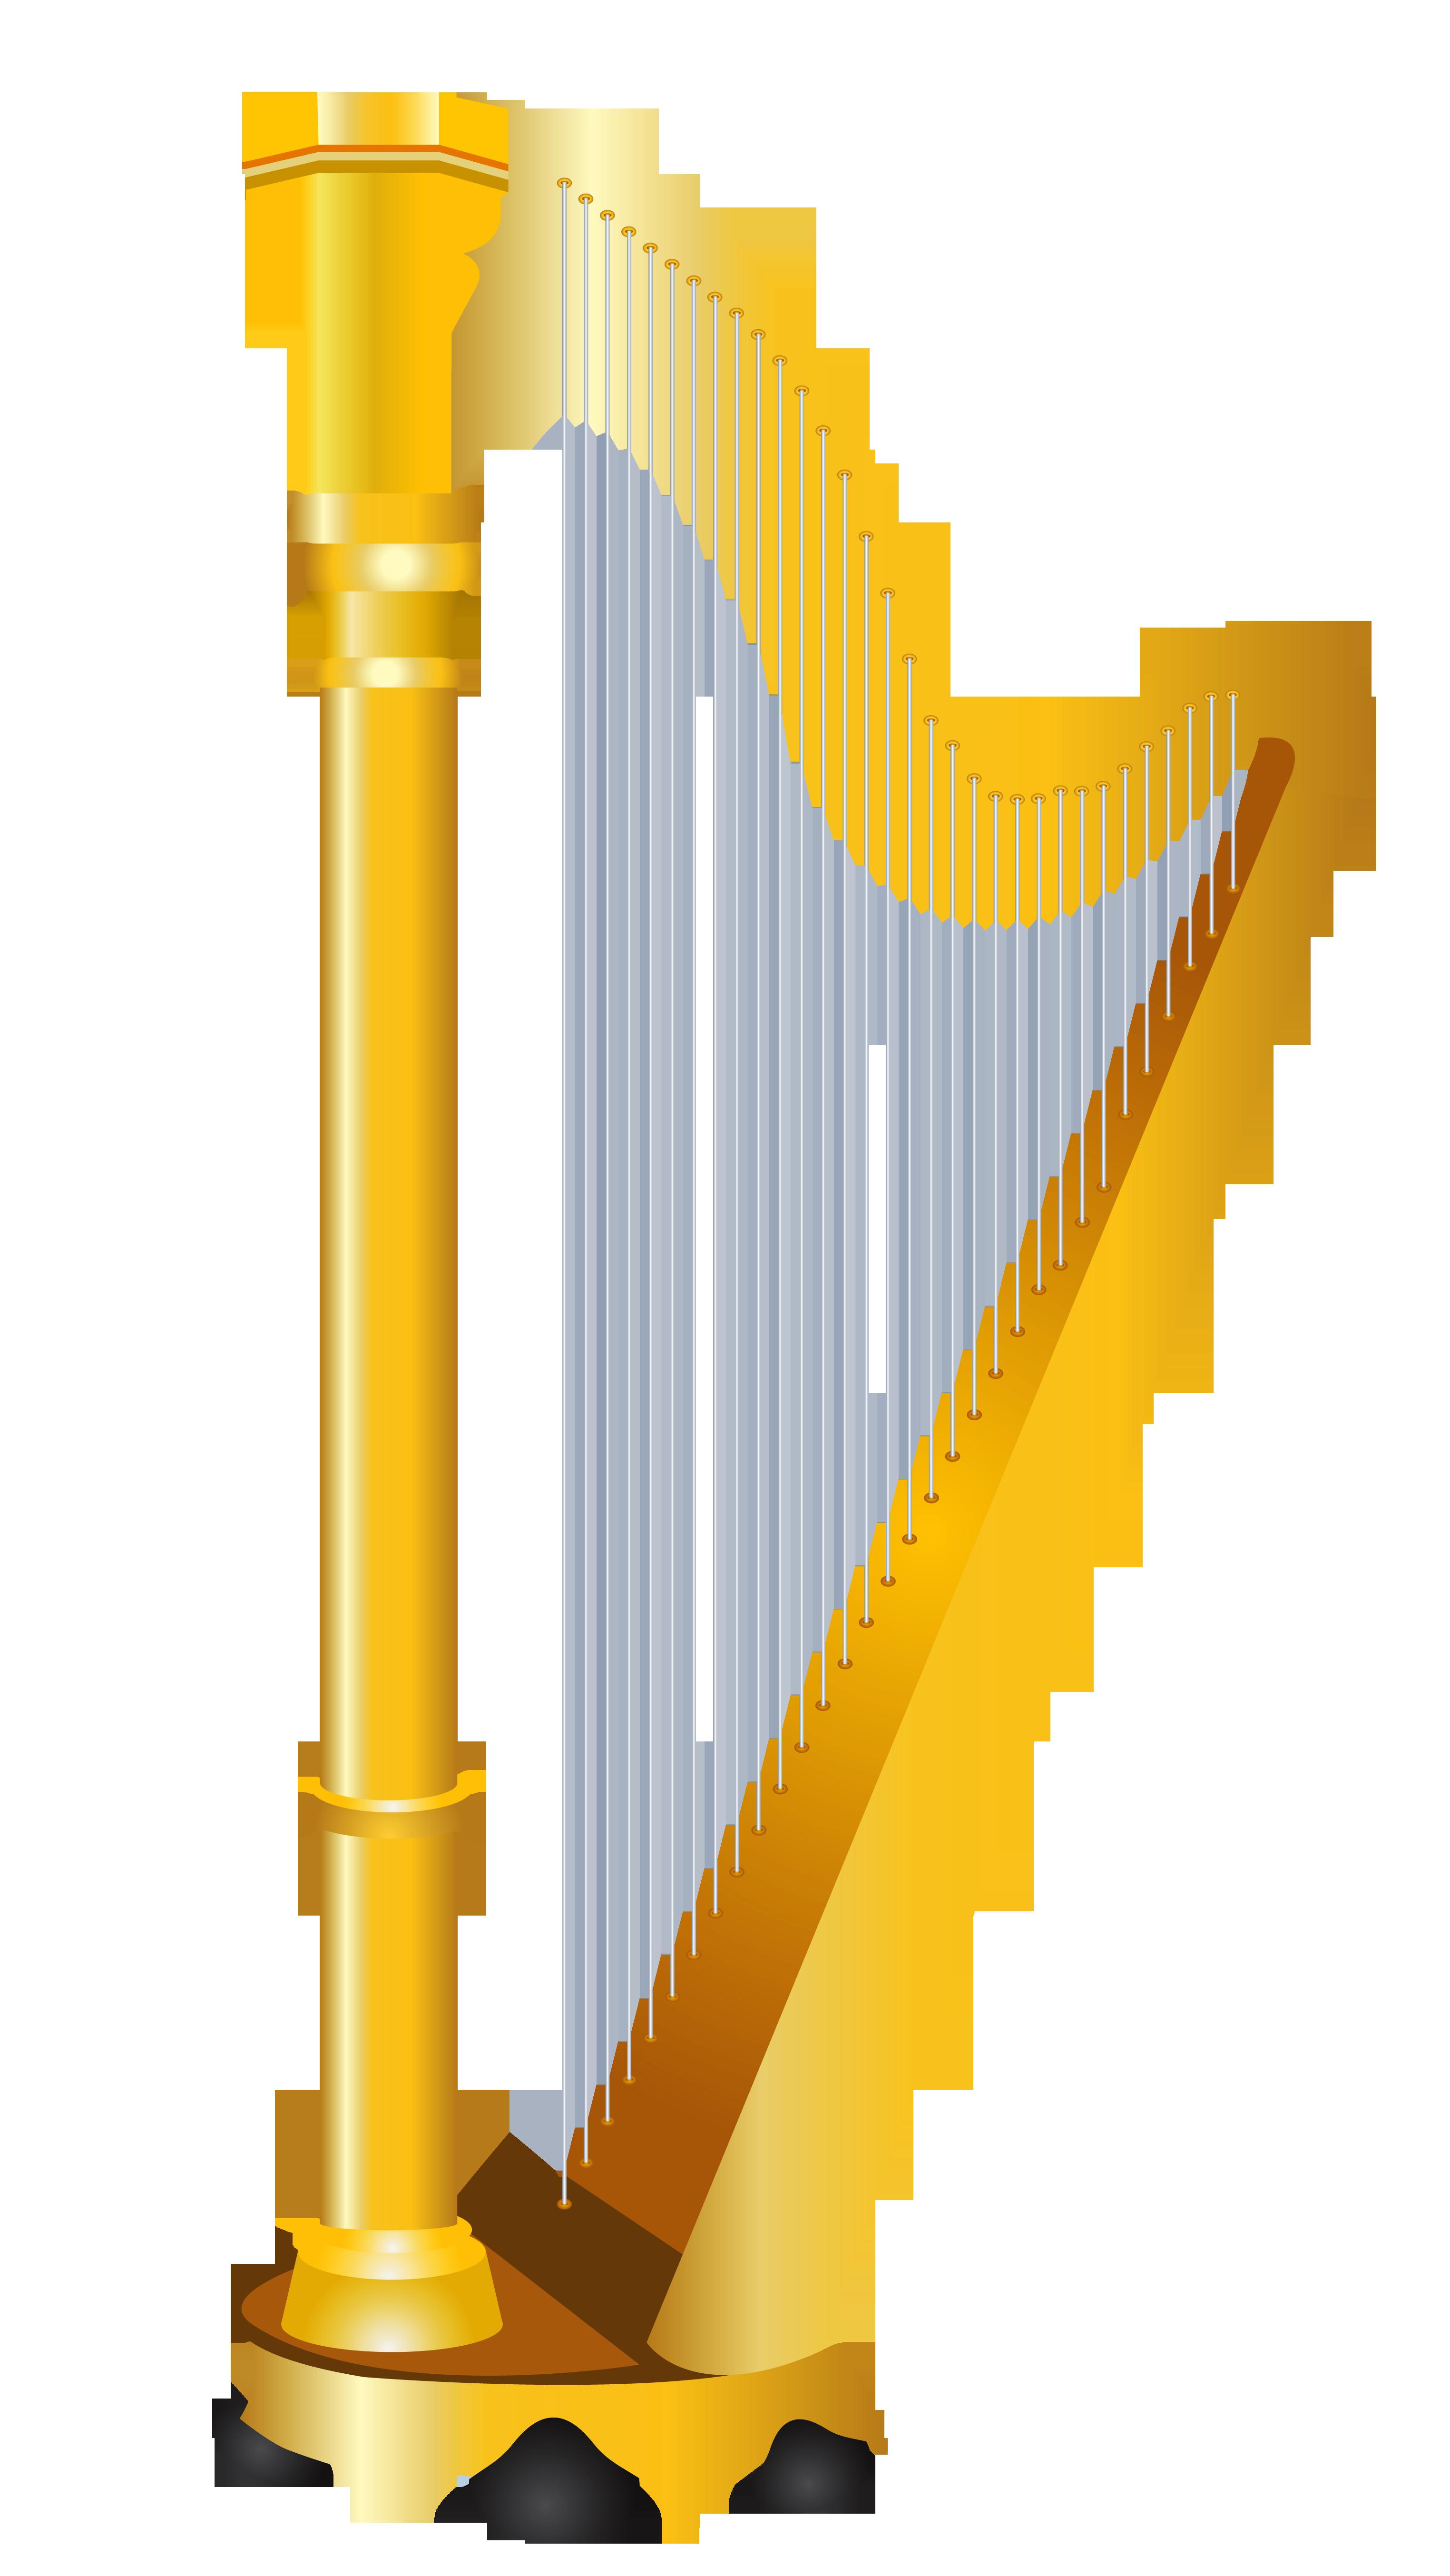 Golden harp clipart kid - Harp Clipart